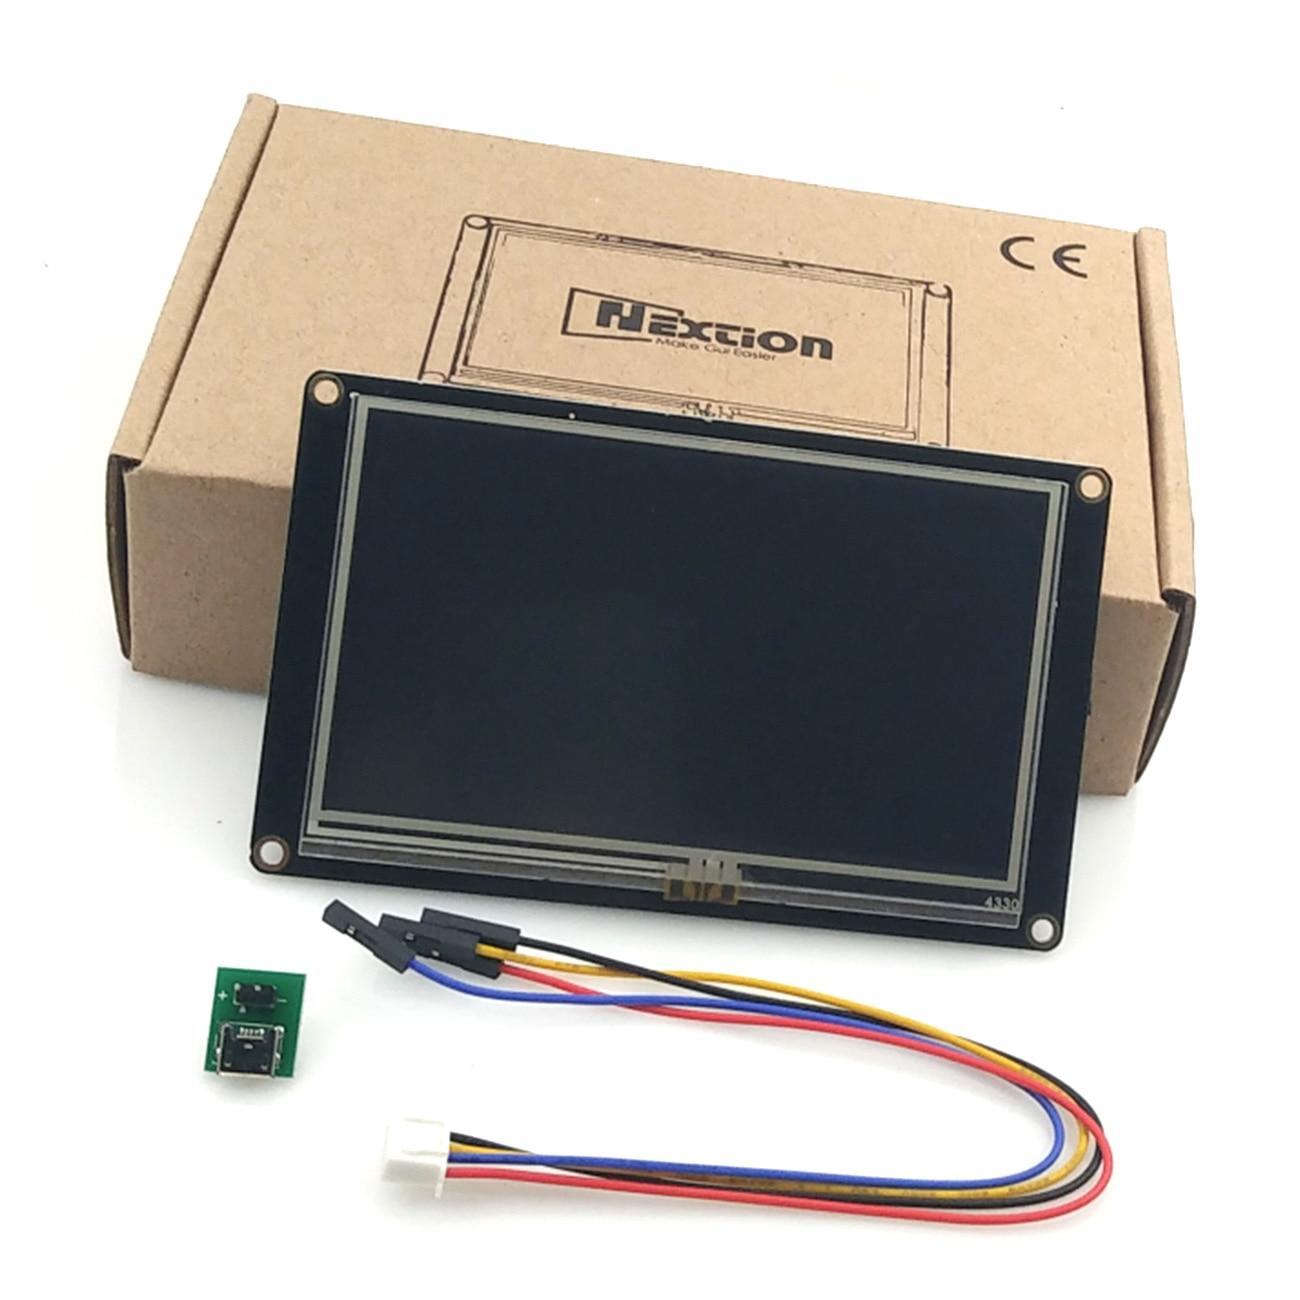 Nextion – panneau d'affichage pour Raspberry Pi, HMI Intelligent USART UART série, Module tactile TFT LCD, 4.3 amélioré